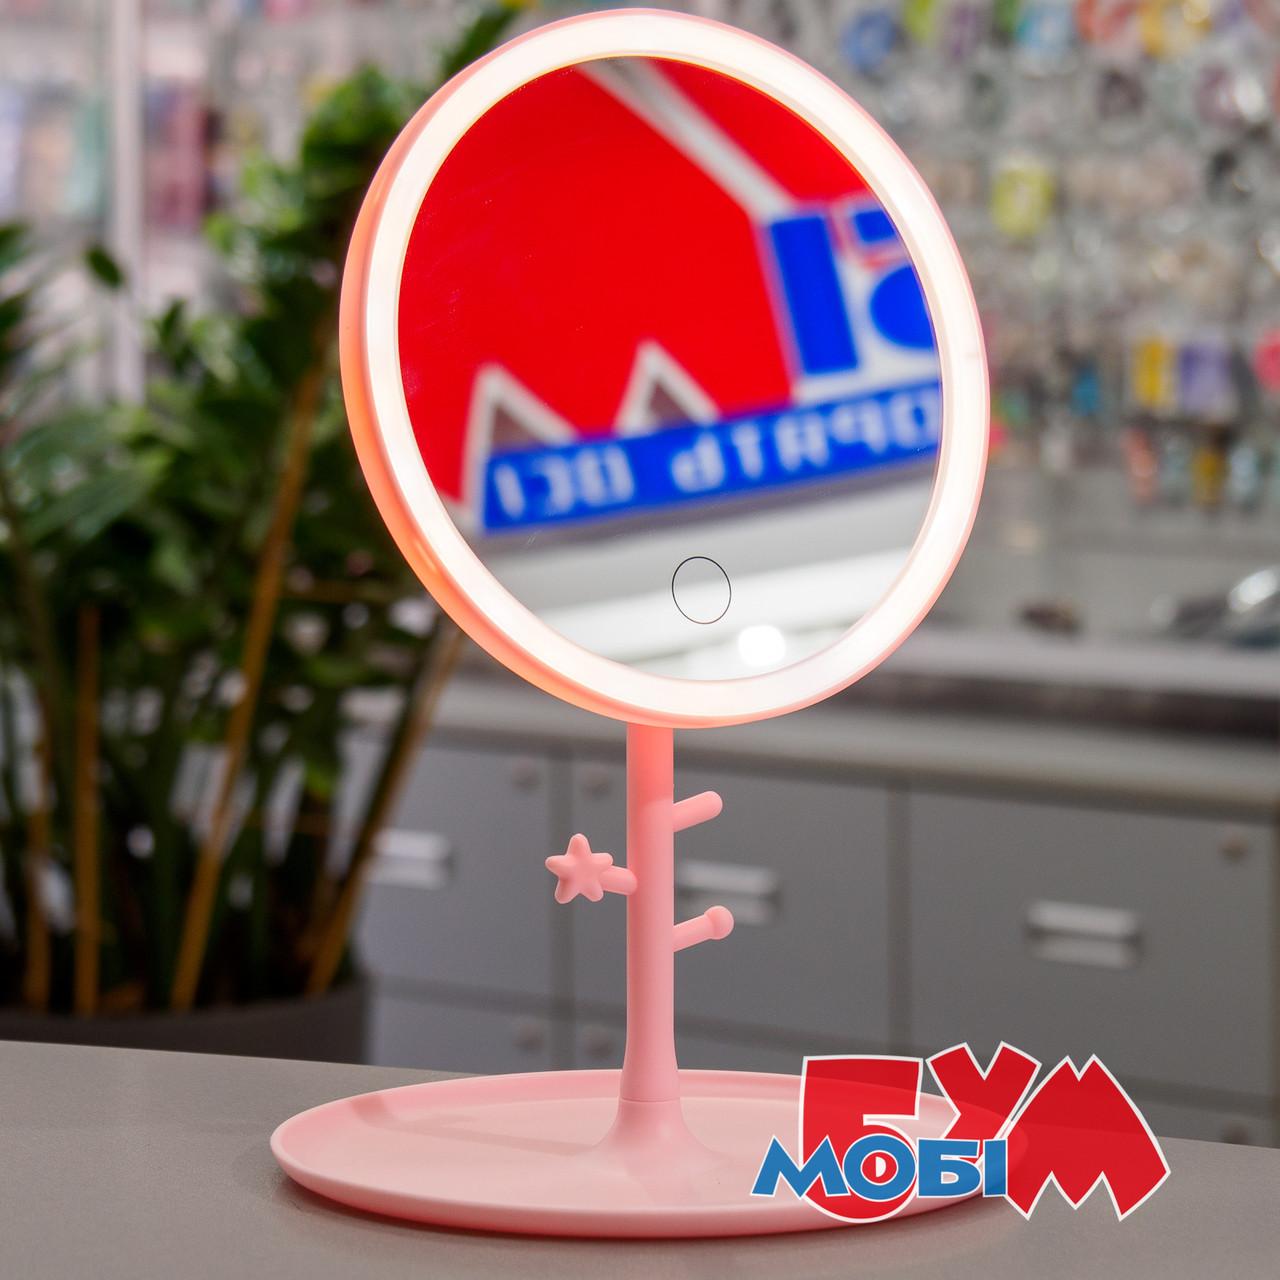 Selfie L2 LED Mirror Pink Аккумулятор Светодиодная Настольное Обычная Круглое Розовый